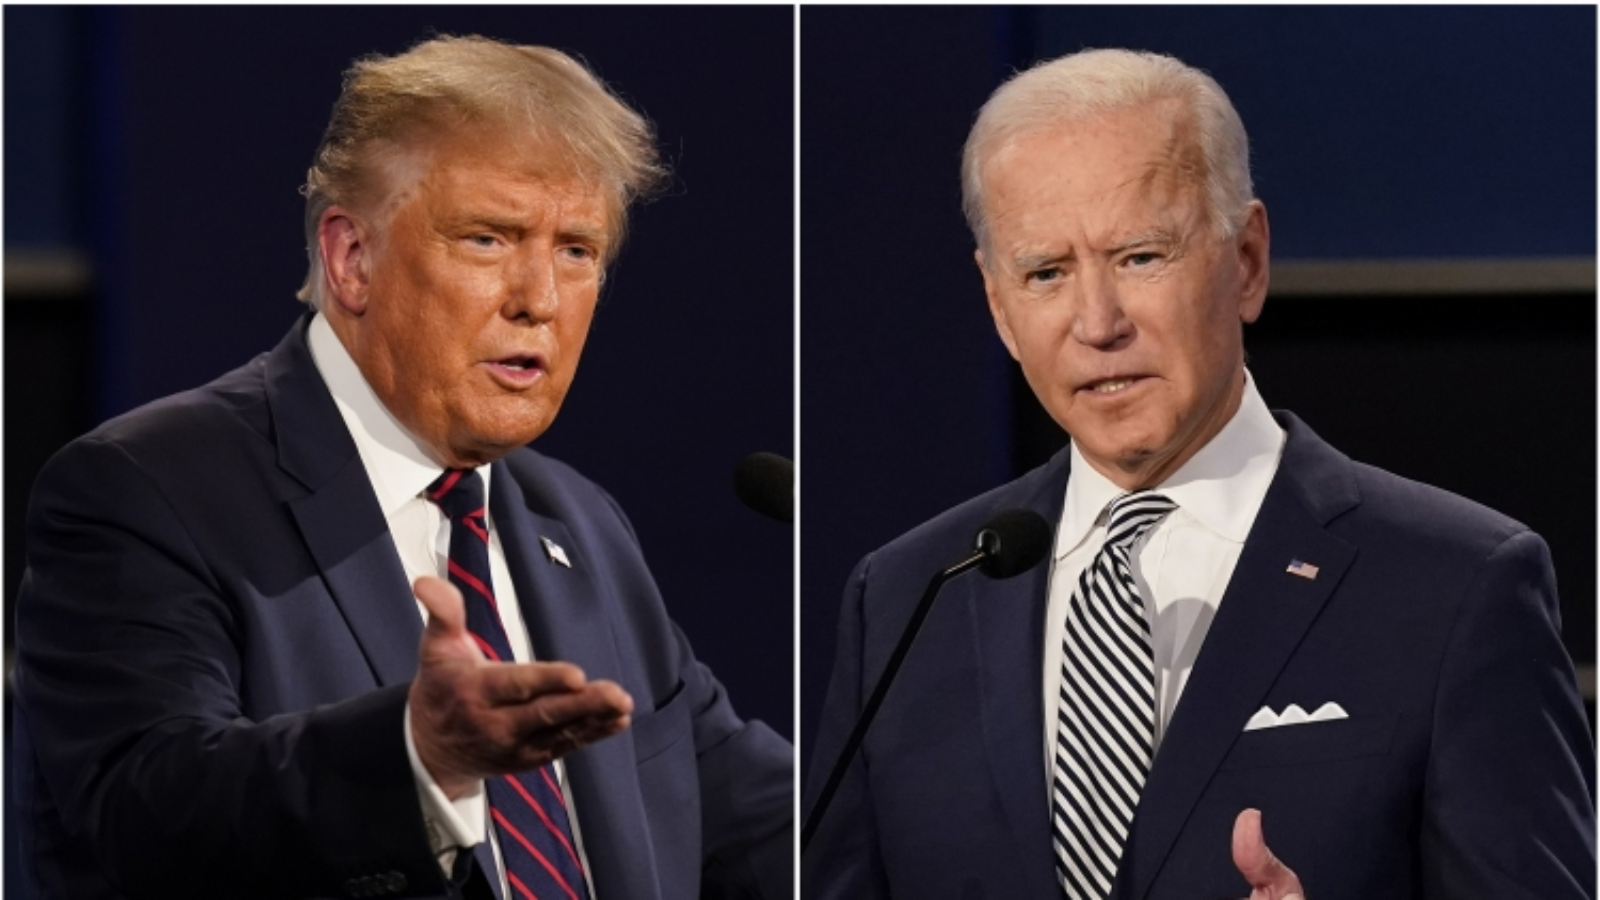 Thượng viện Mỹ trước bước ngoặt quyết định, Trump và Biden dồn sức vận động cho đồng minh